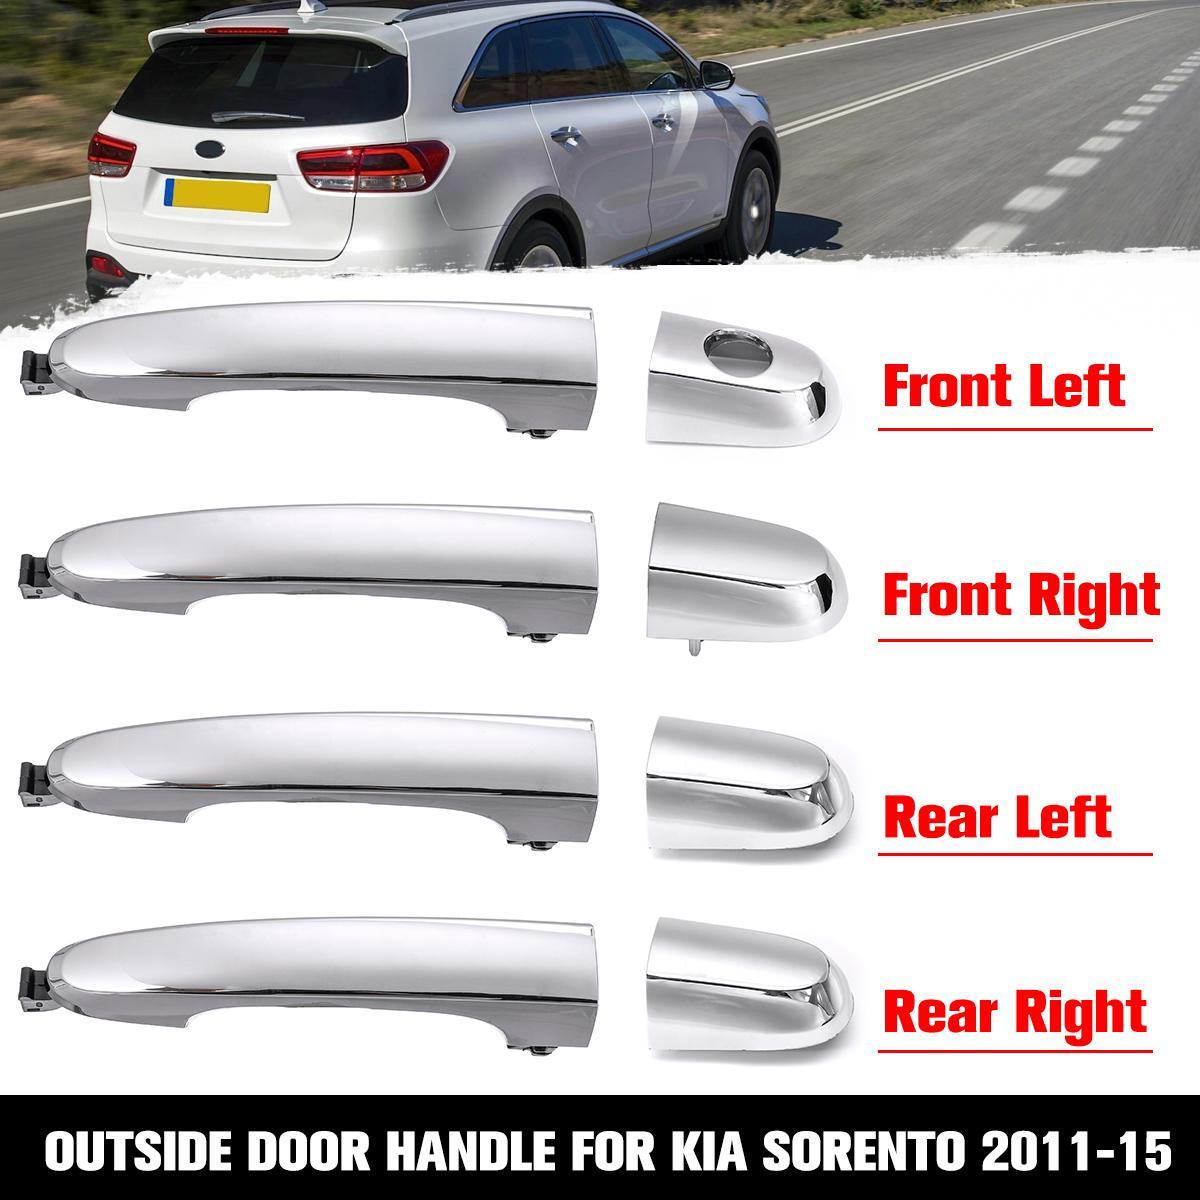 New Front Passenger Side Door Handle for Kia Sorento 2011-2015